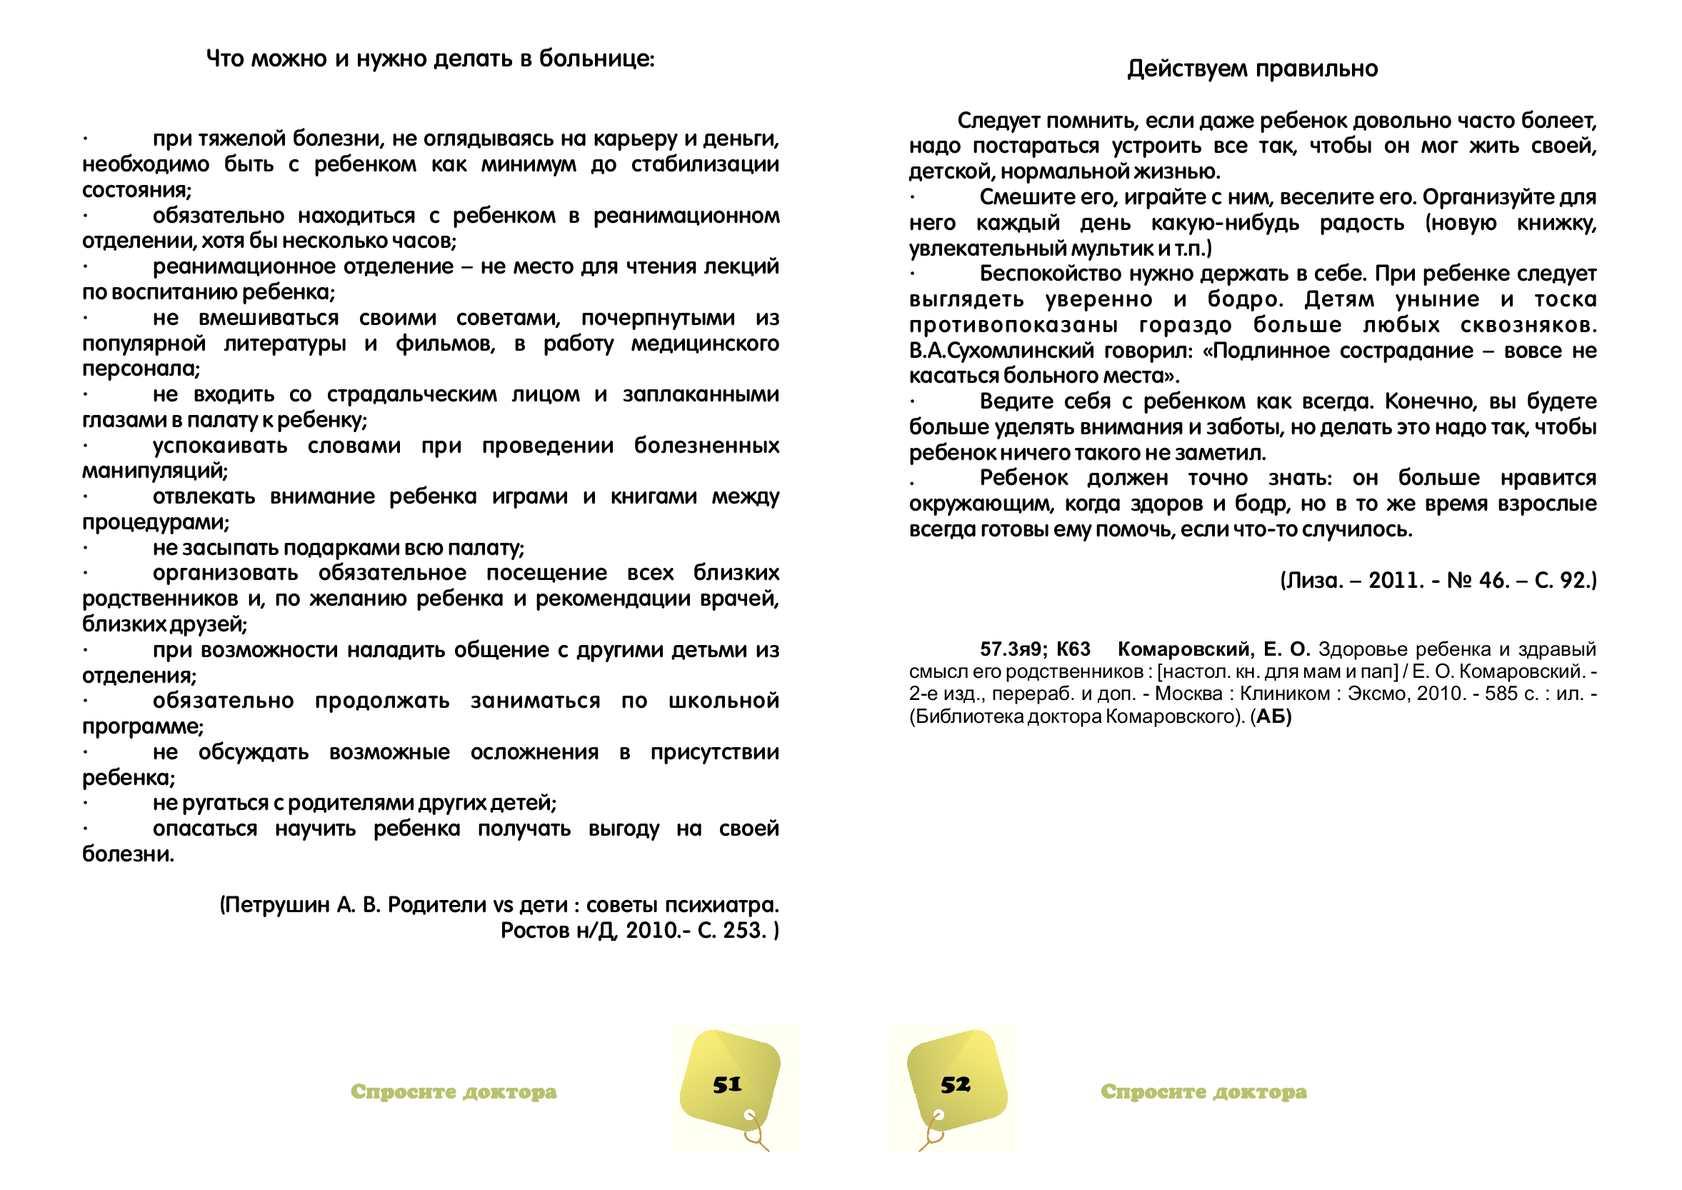 Справка в бассейн Москва Выхино-Жулебино южное бутово